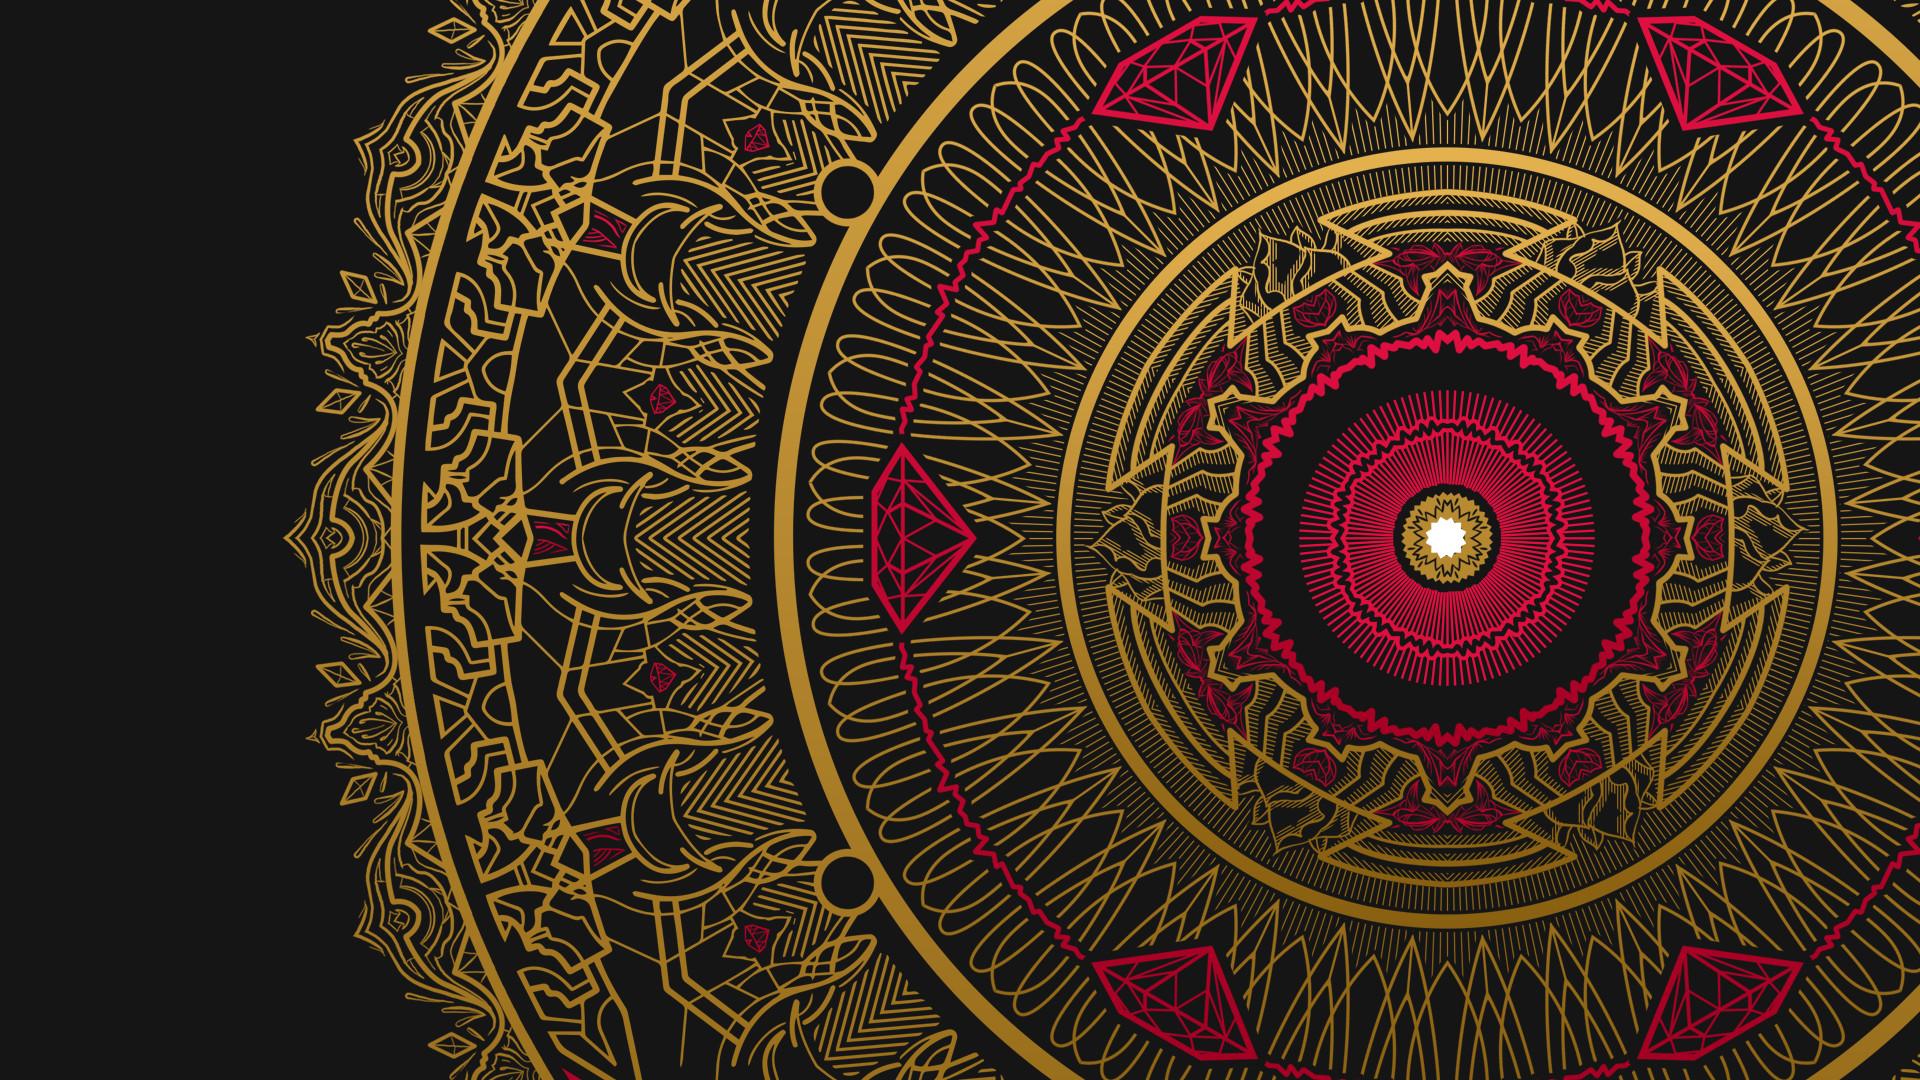 MANDALA wallpaper – Imagui